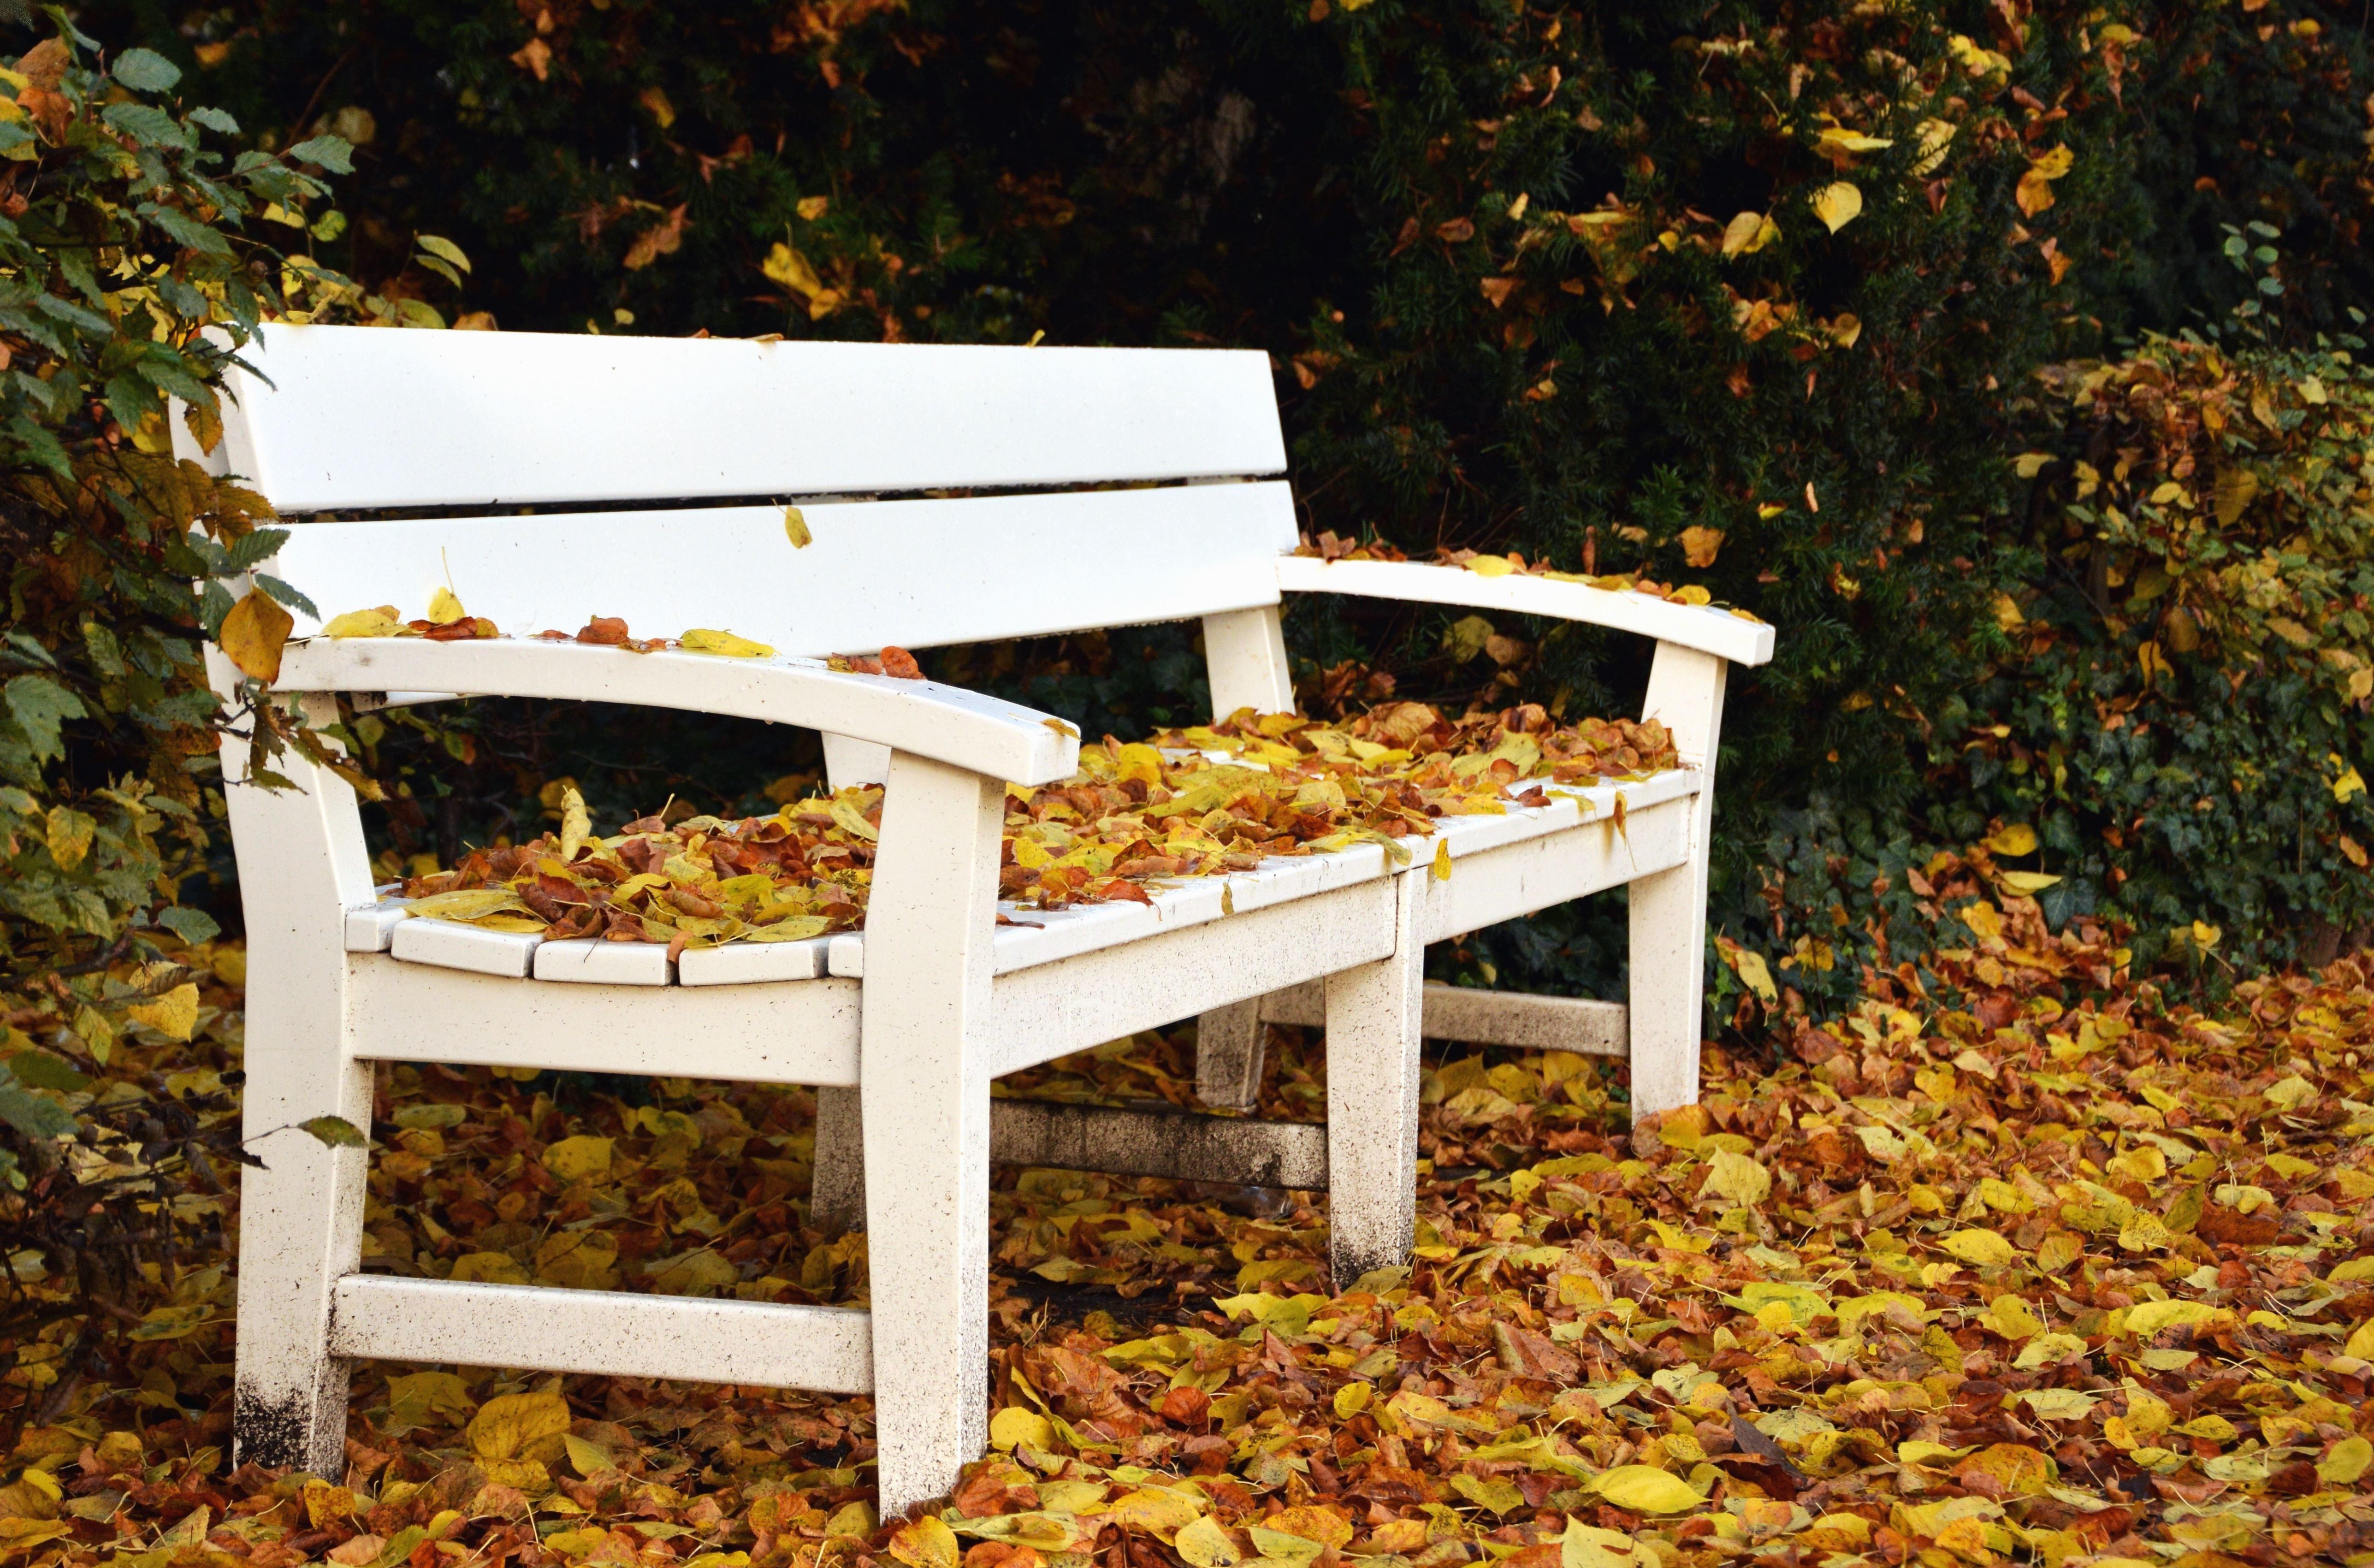 image libre banc feuille automne arbre parc. Black Bedroom Furniture Sets. Home Design Ideas